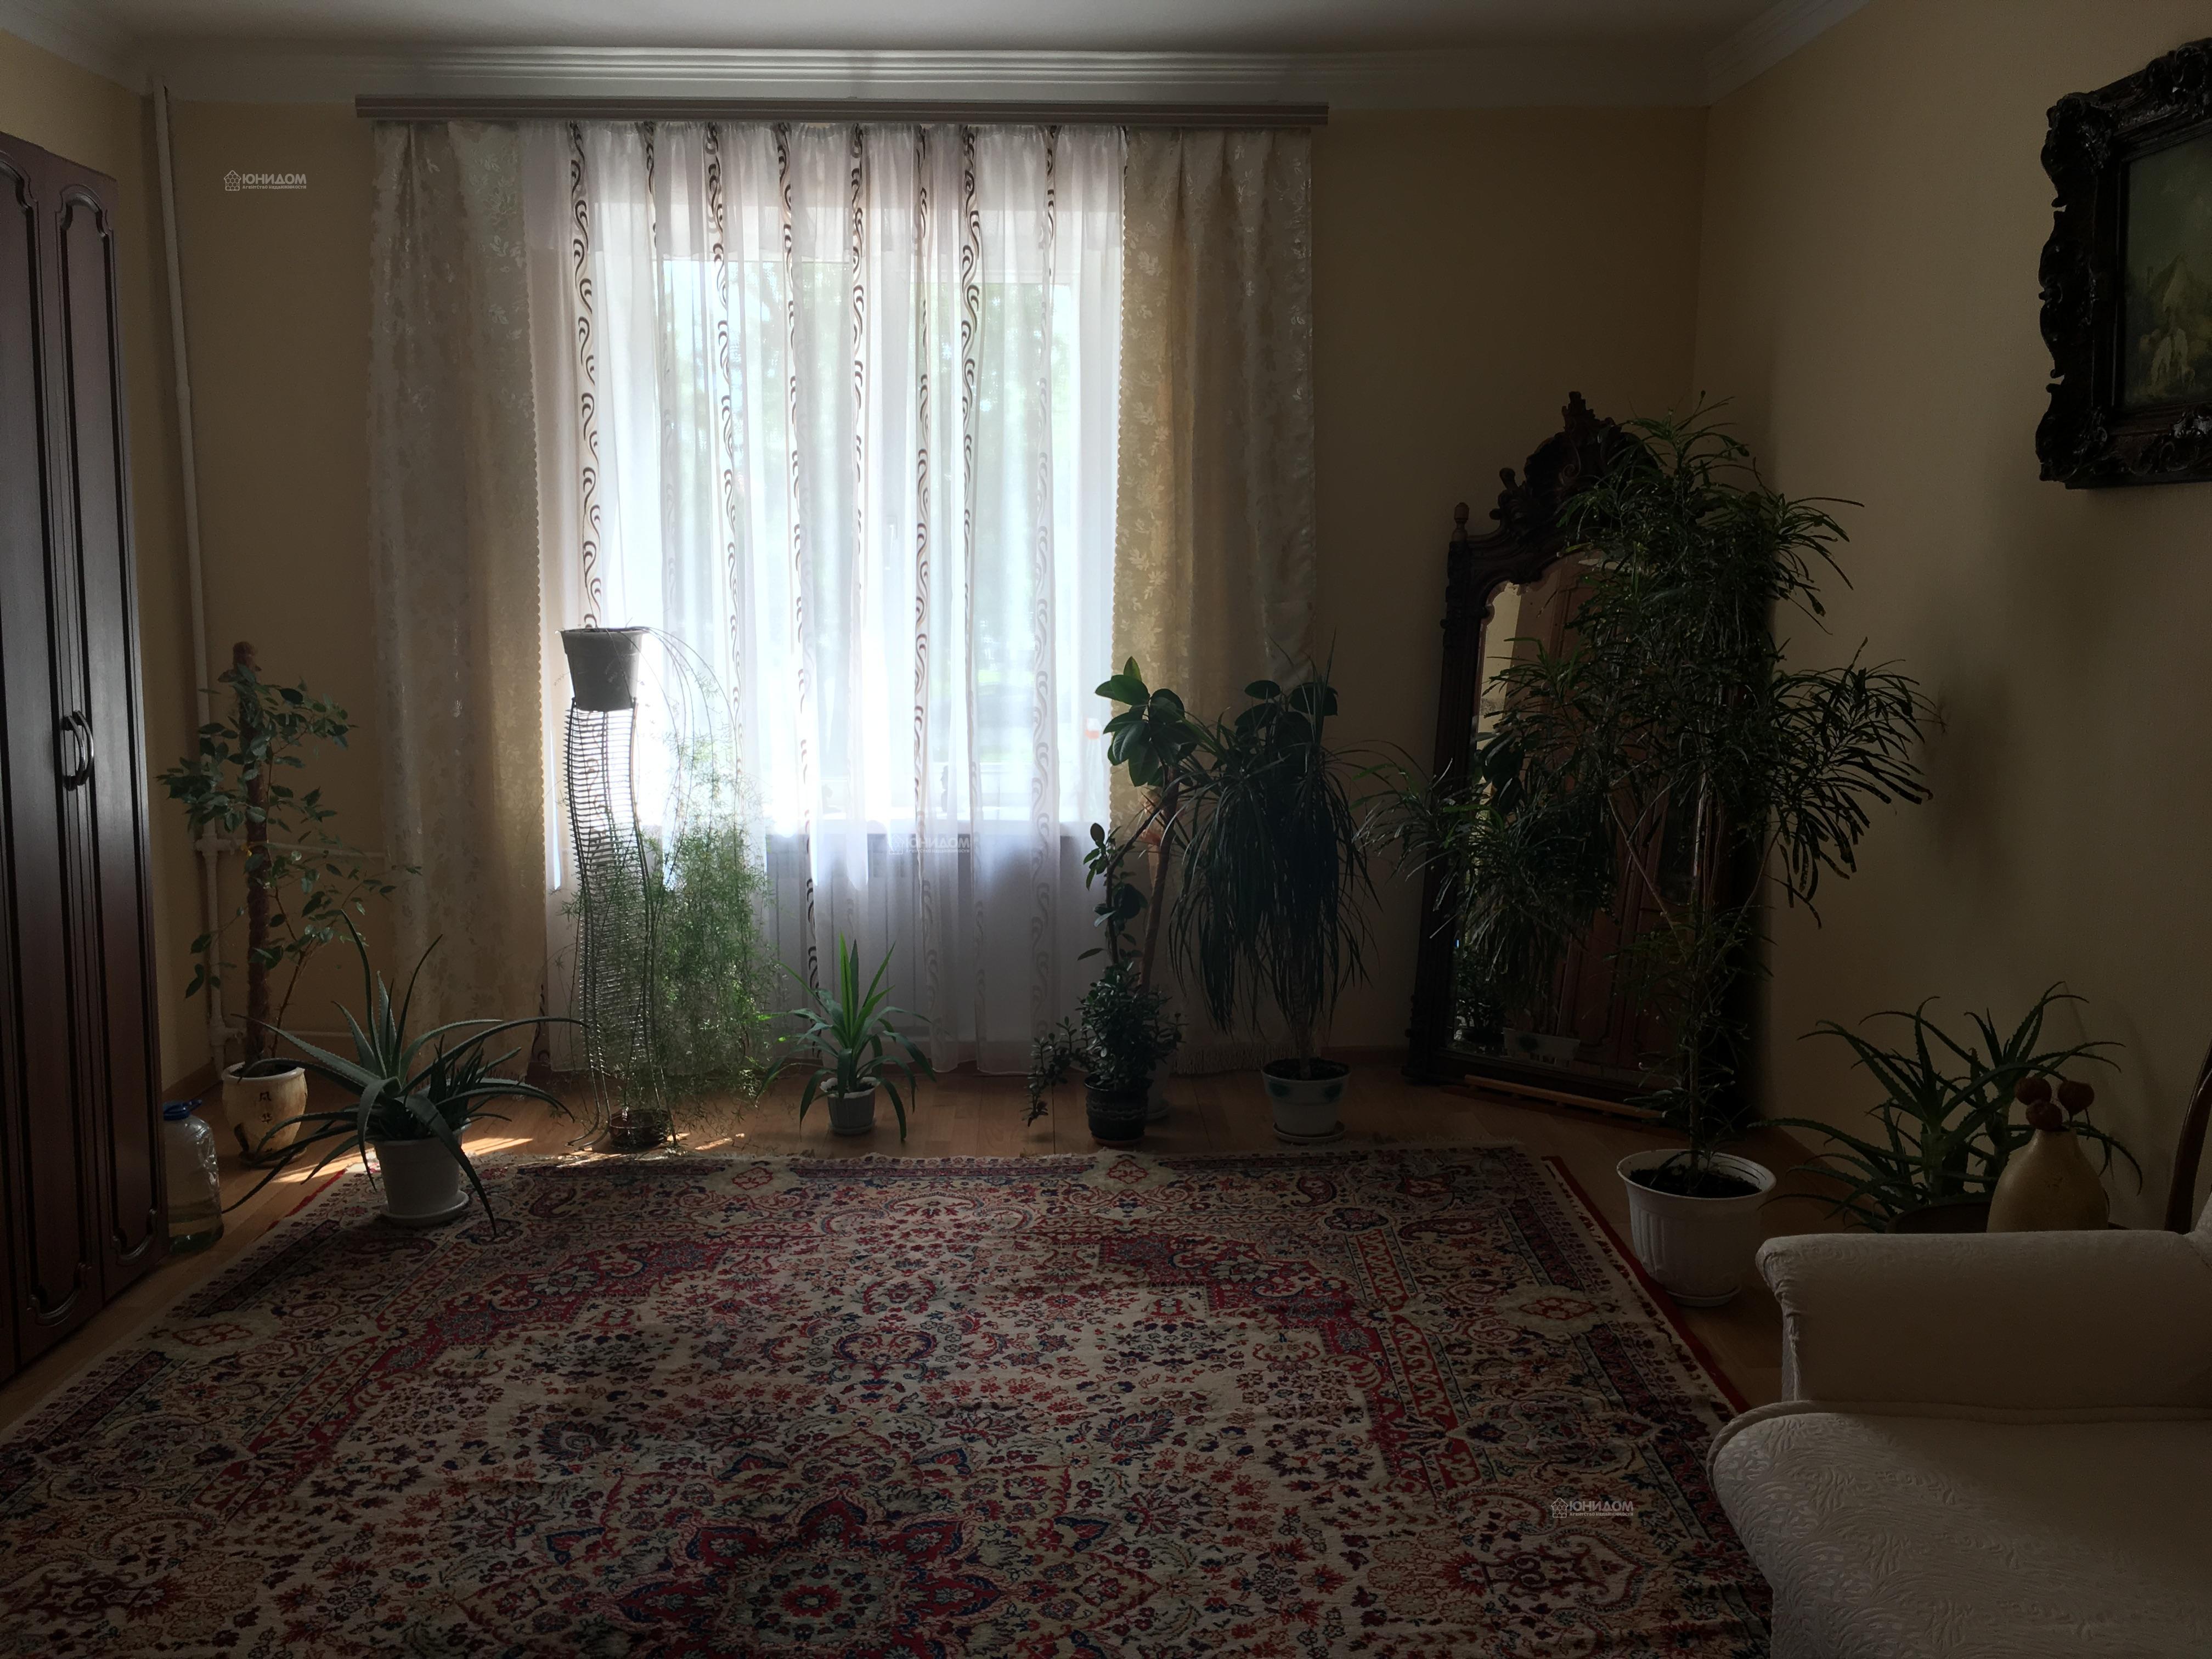 Продам 3-комн. квартиру по адресу Россия, Тюменская область, Тюмень, Минская 102 фото 9 по выгодной цене